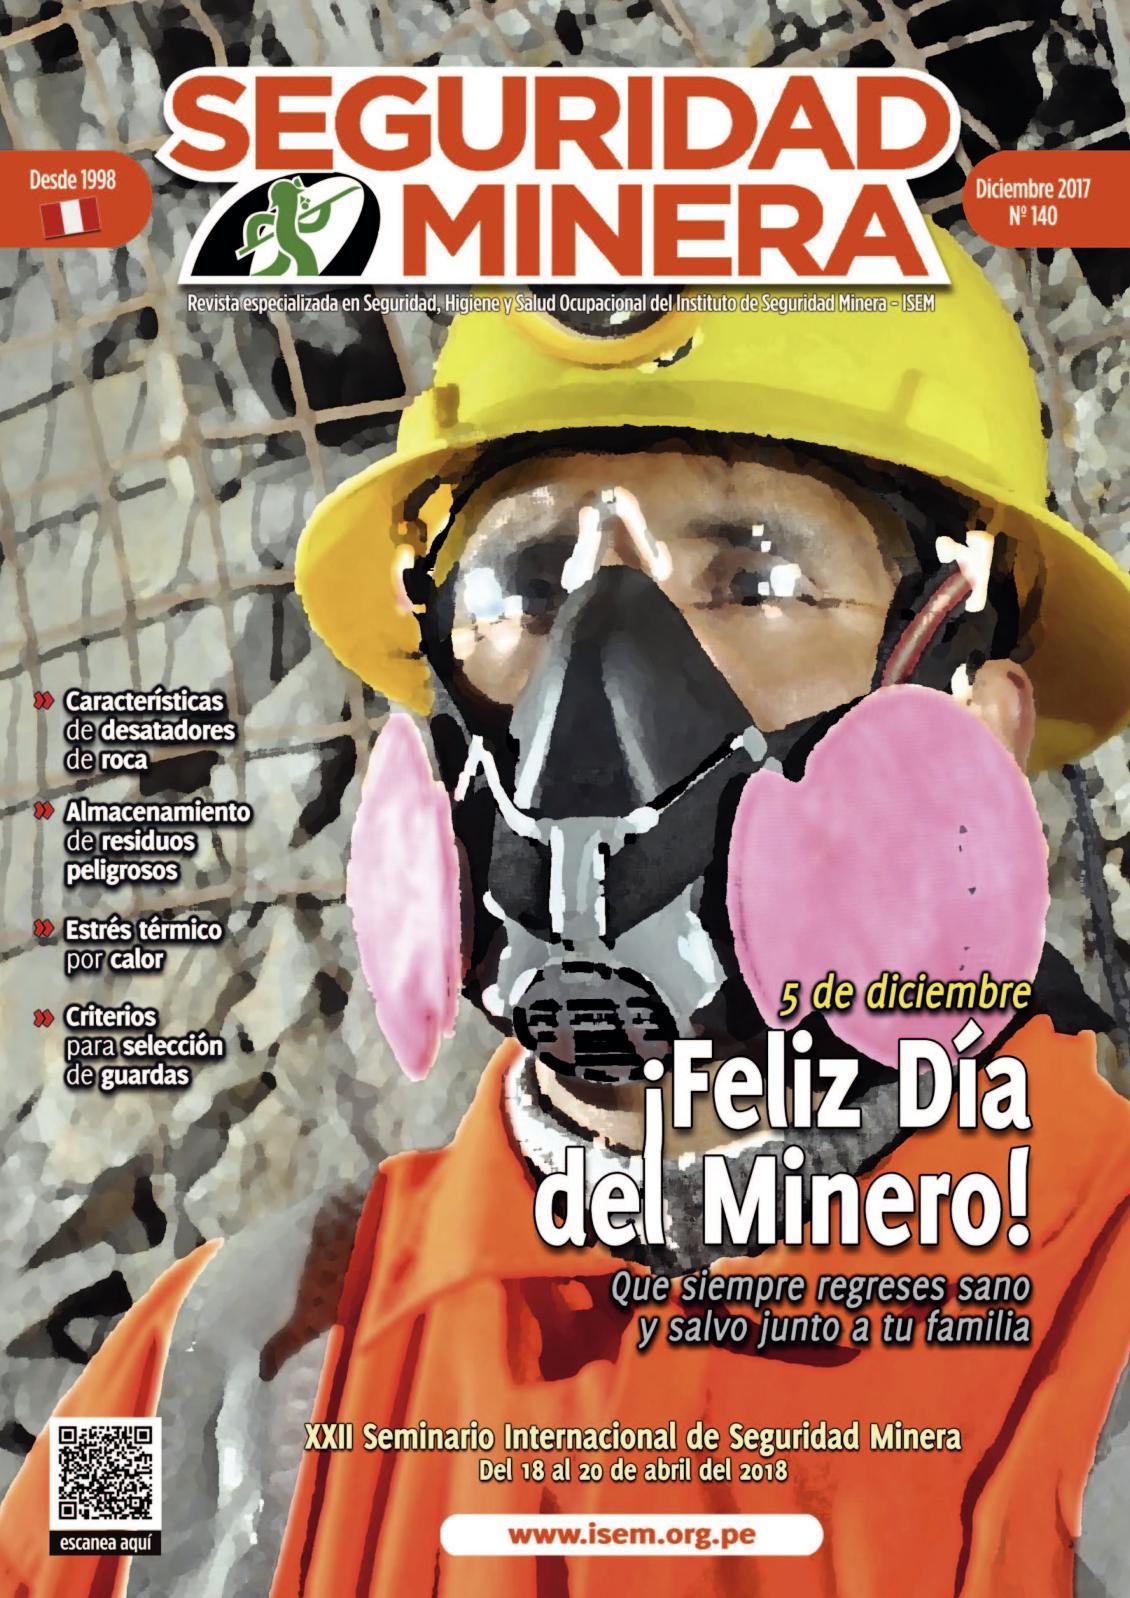 Seguridad Minera Edición 140